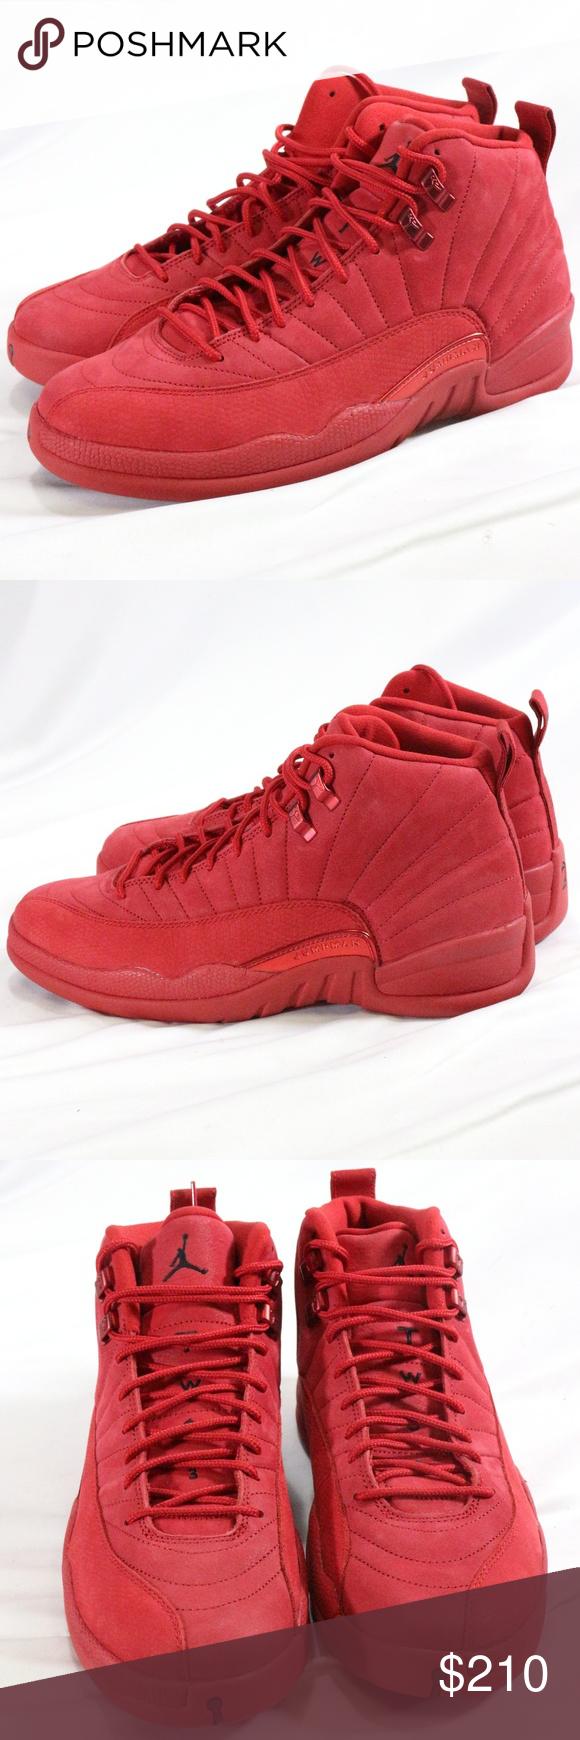 AIR JORDAN 12 Retro 'Gym Red' Sneakers